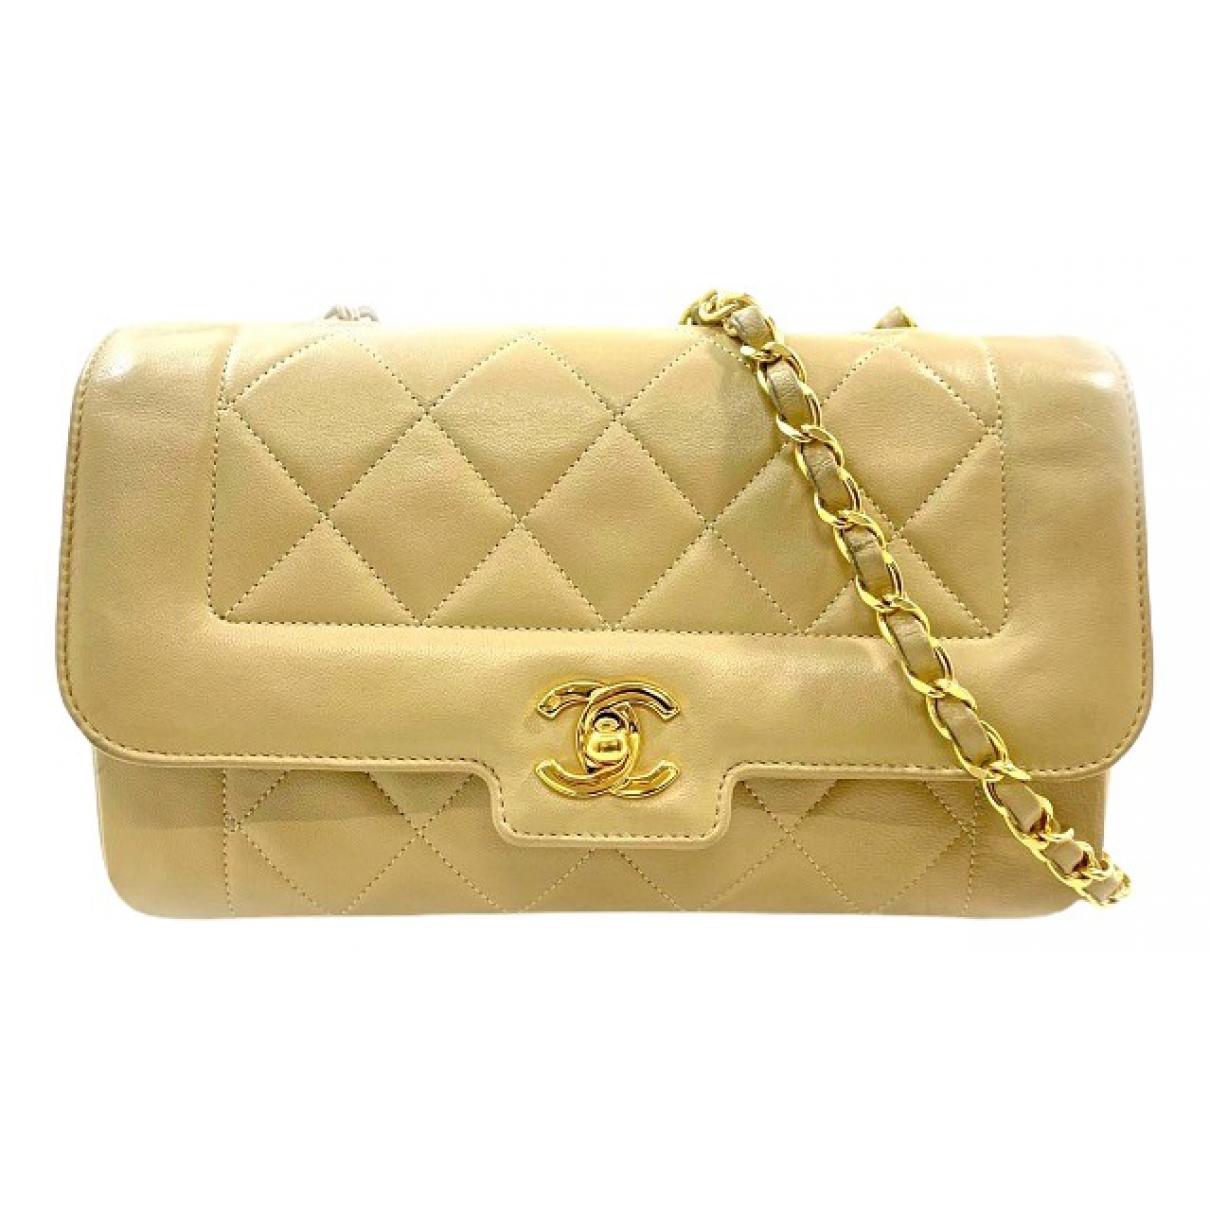 Chanel - Sac a main   pour femme en cuir - beige